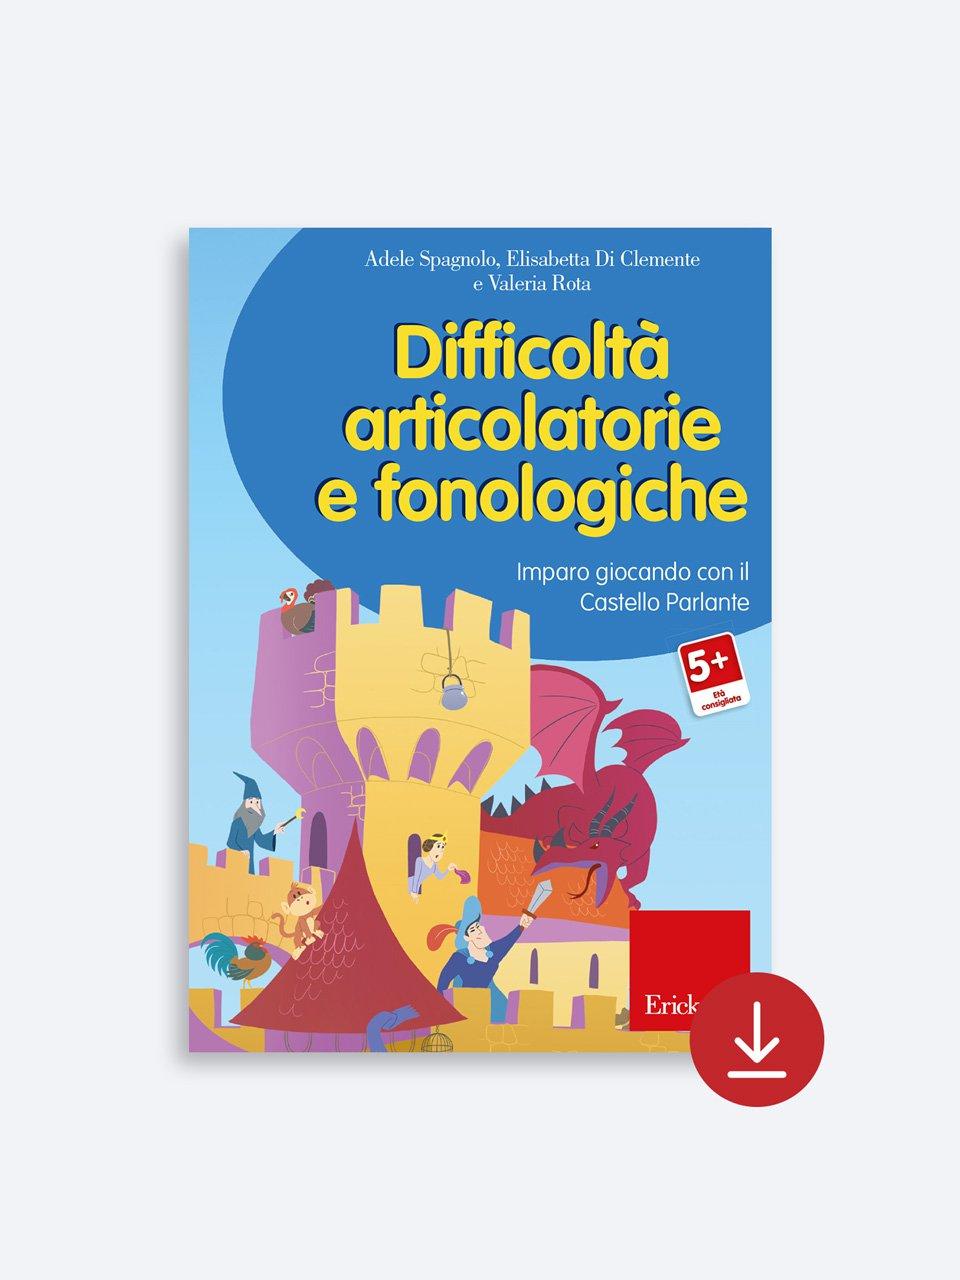 Difficoltà articolatorie e fonologiche - Un gioco di P.A.R.O.L.E. - Strumenti - Erickson 2